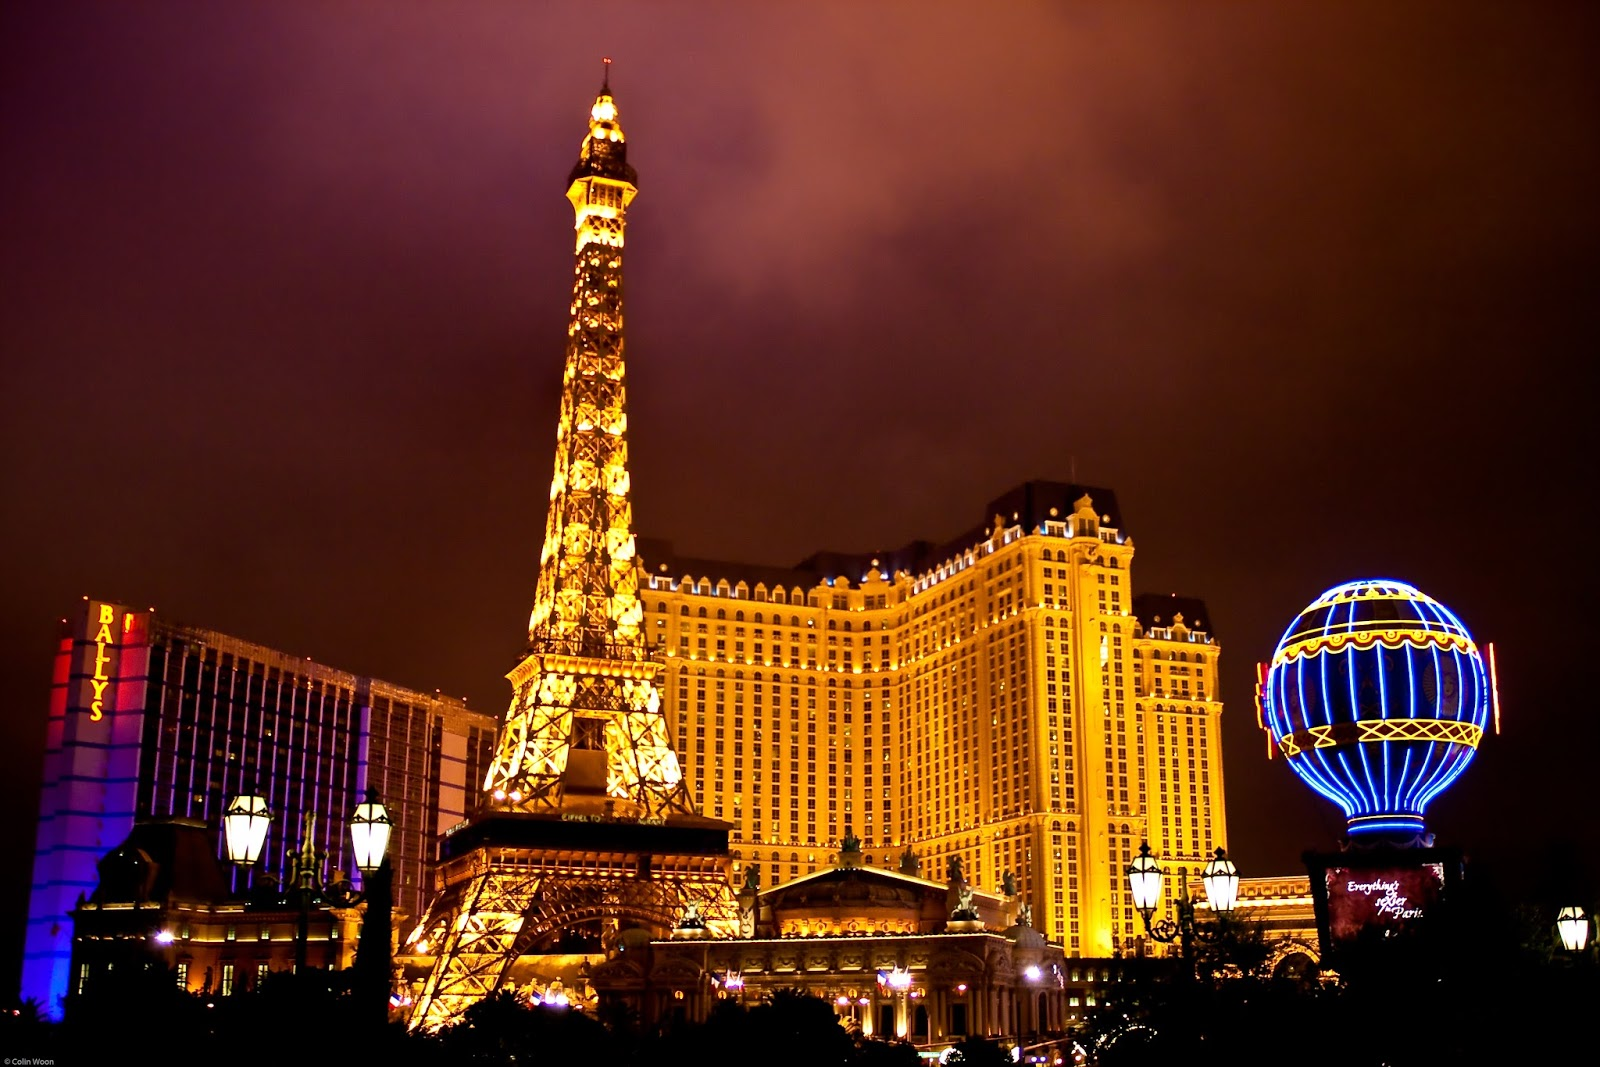 Brincando Com Arte O SORRISO O Torre Eiffel Bel Ssima Obra Arquitet Nica